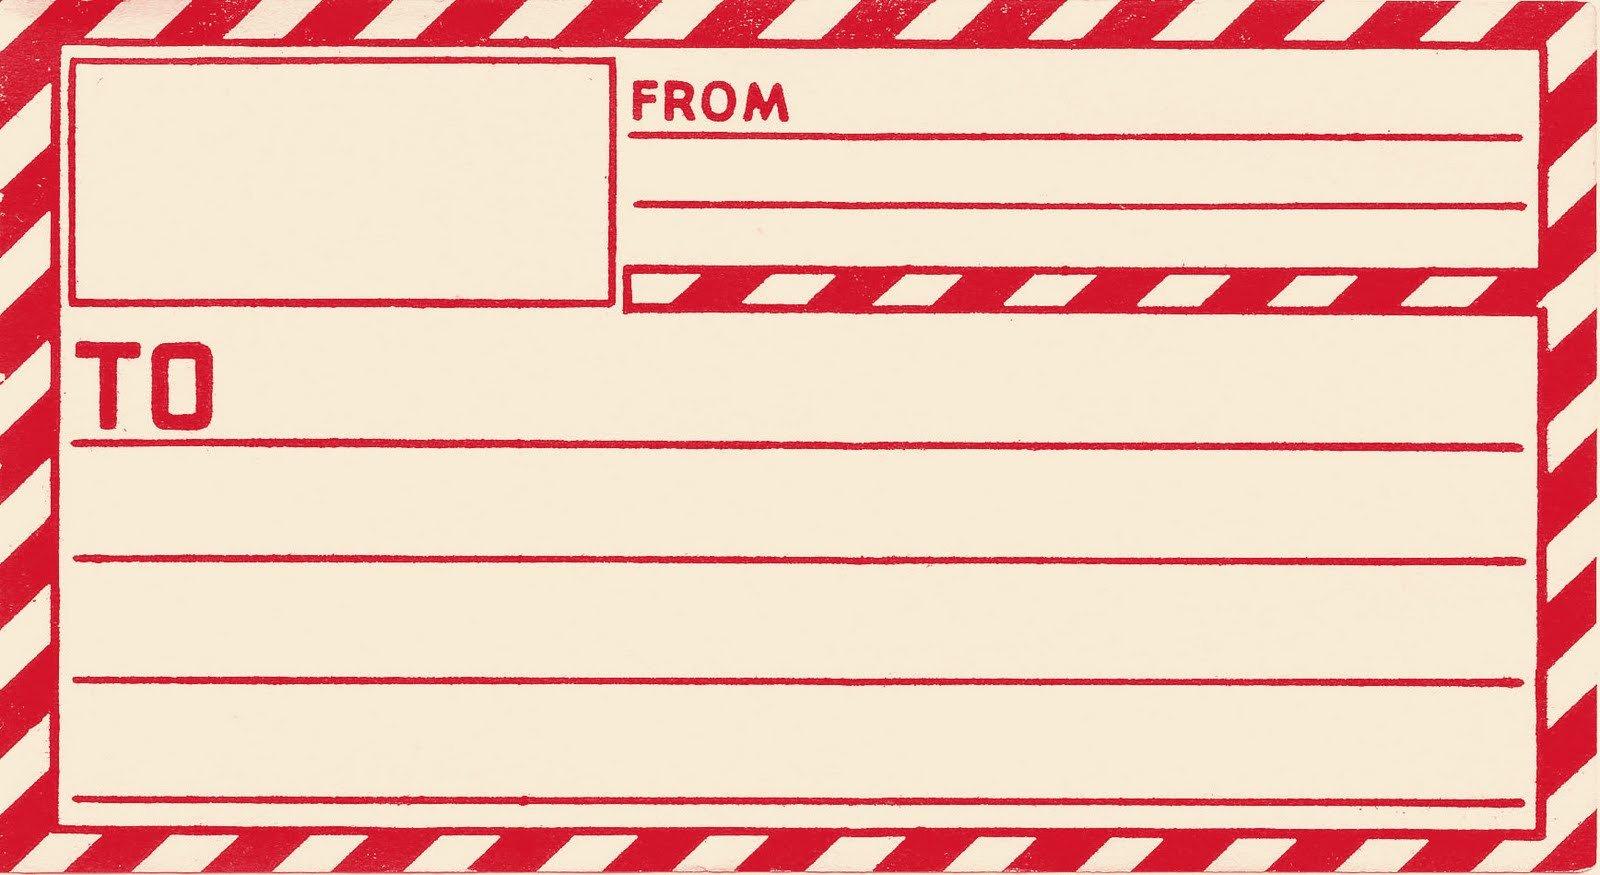 Free Mail Label Template Vintage Clip Art Old Gummed Parcel Post Label the